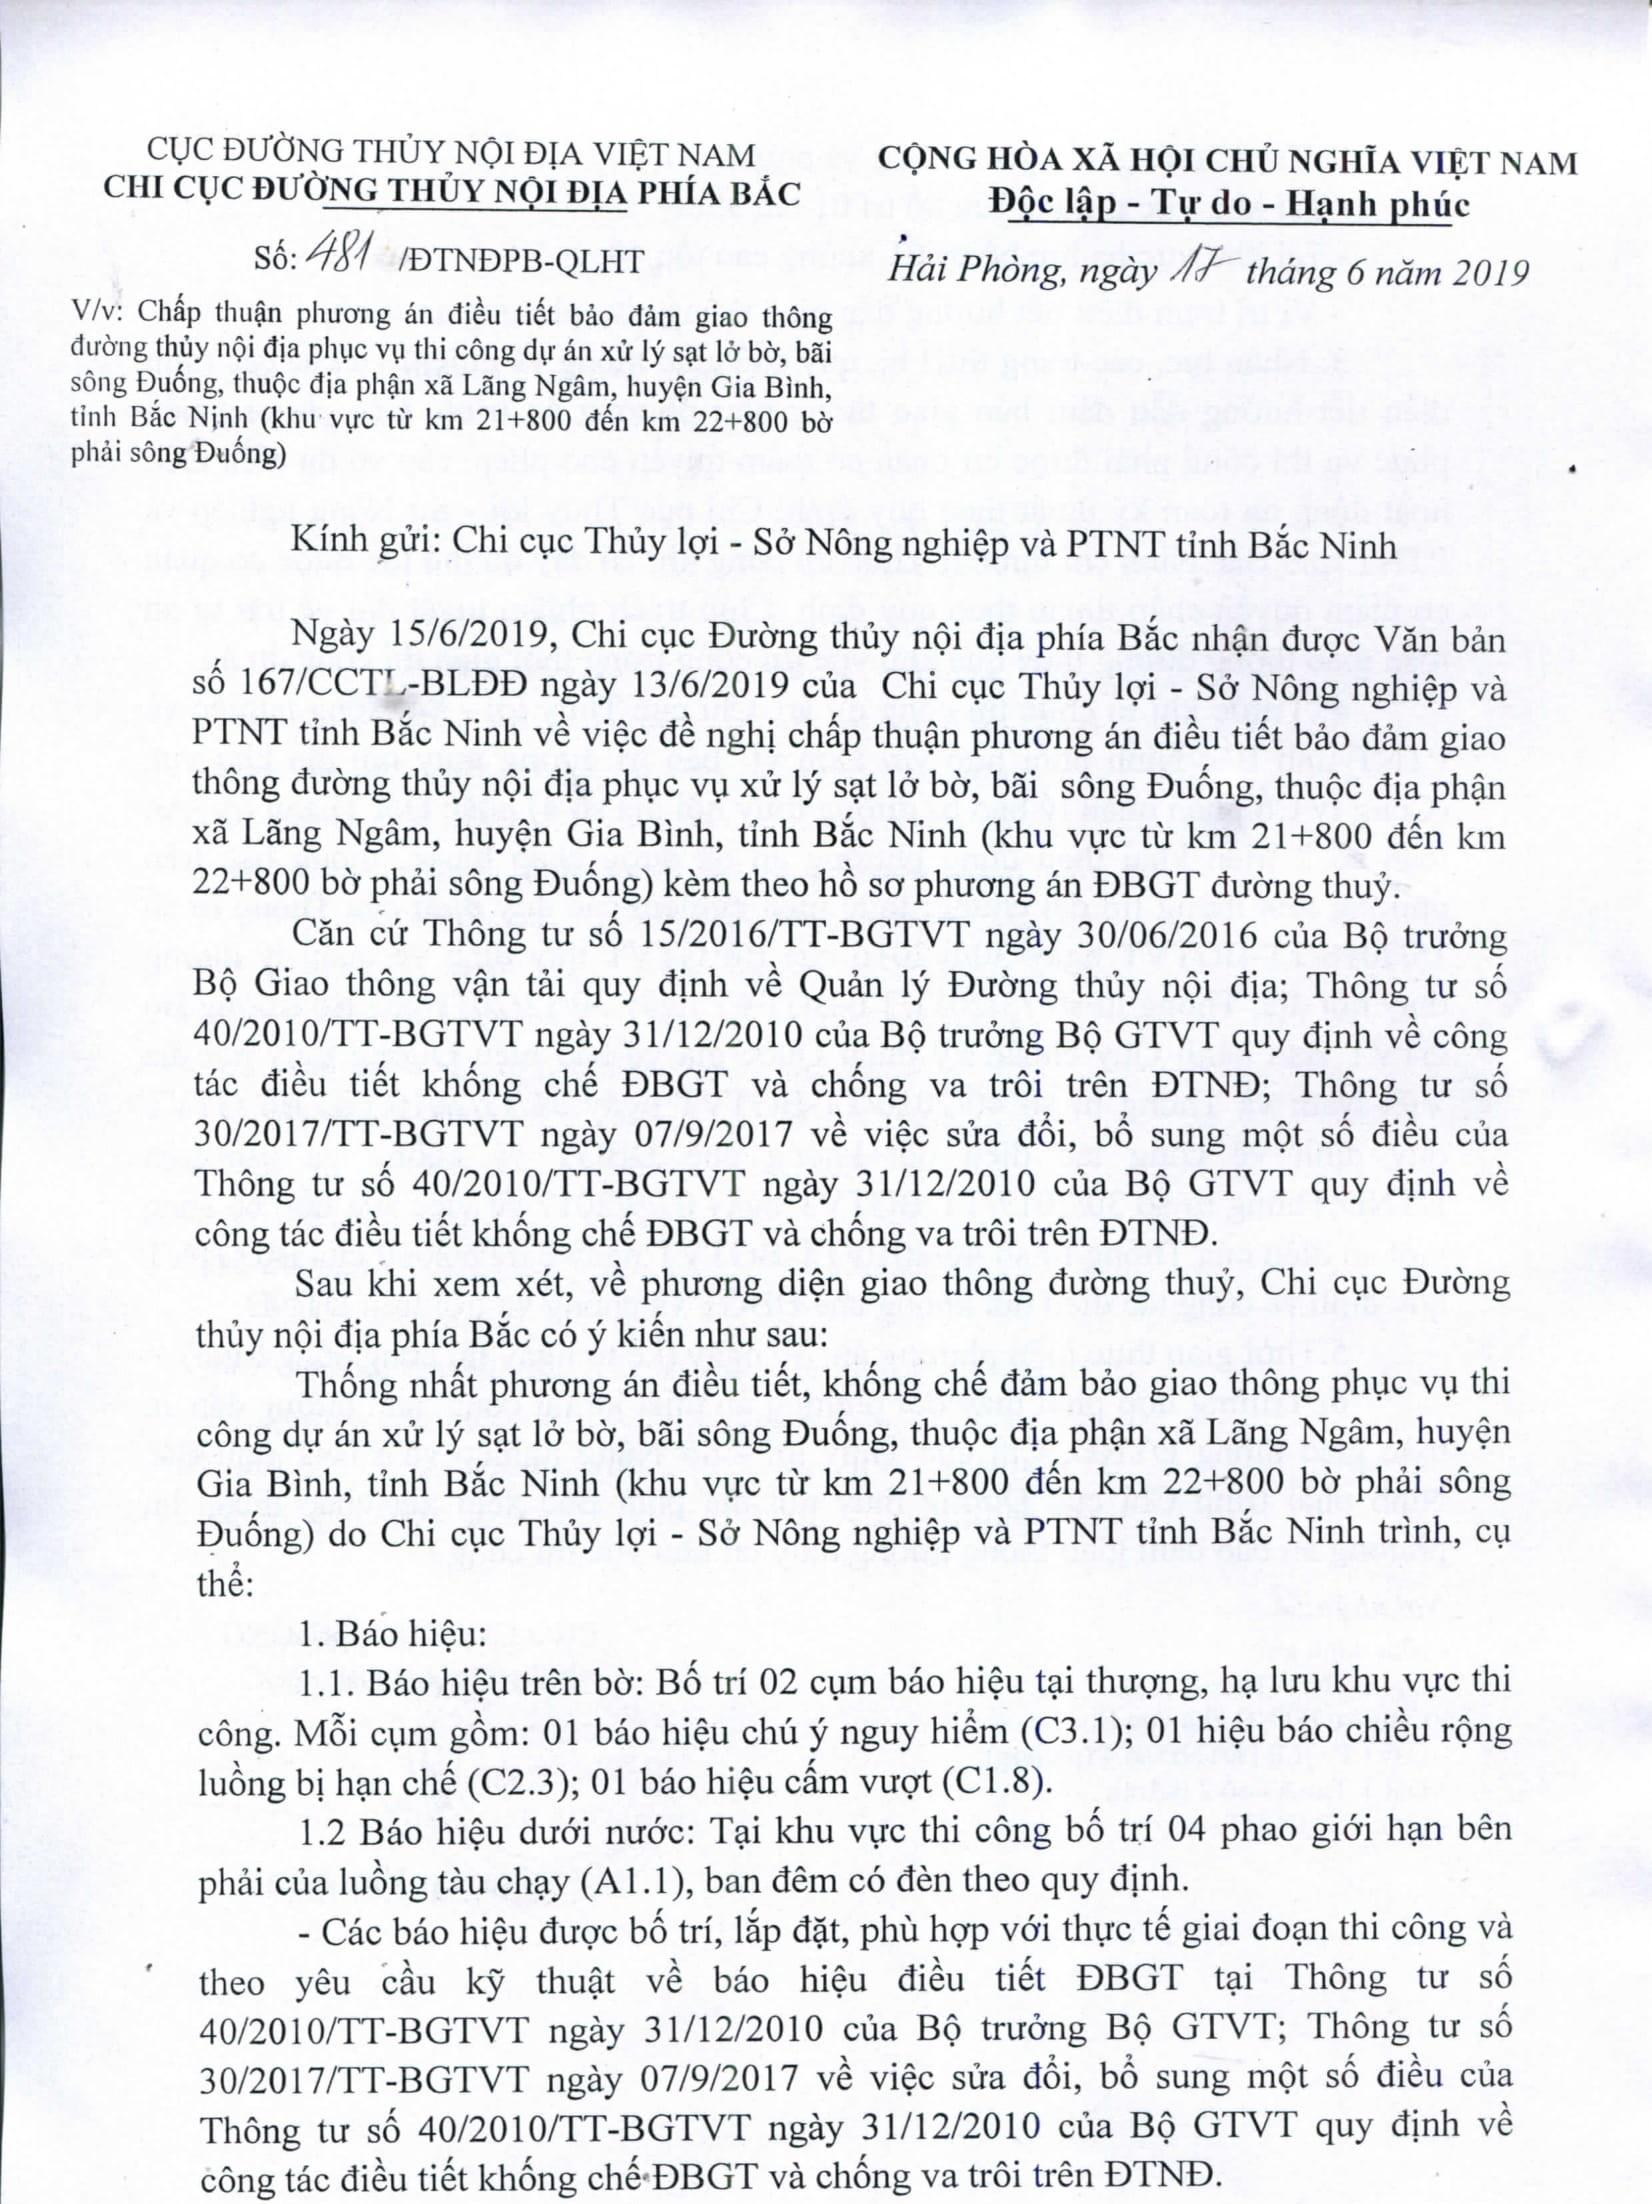 Chấp thuận PA điều tiết bảo đảm GTĐT phục vụ thi công dư án xử lý sạt lở bờ, bãi sông Đuống, thuộc địa phần xã Lãng Ngâm, huyện Gia Bình, tỉnh Bắc Ninh